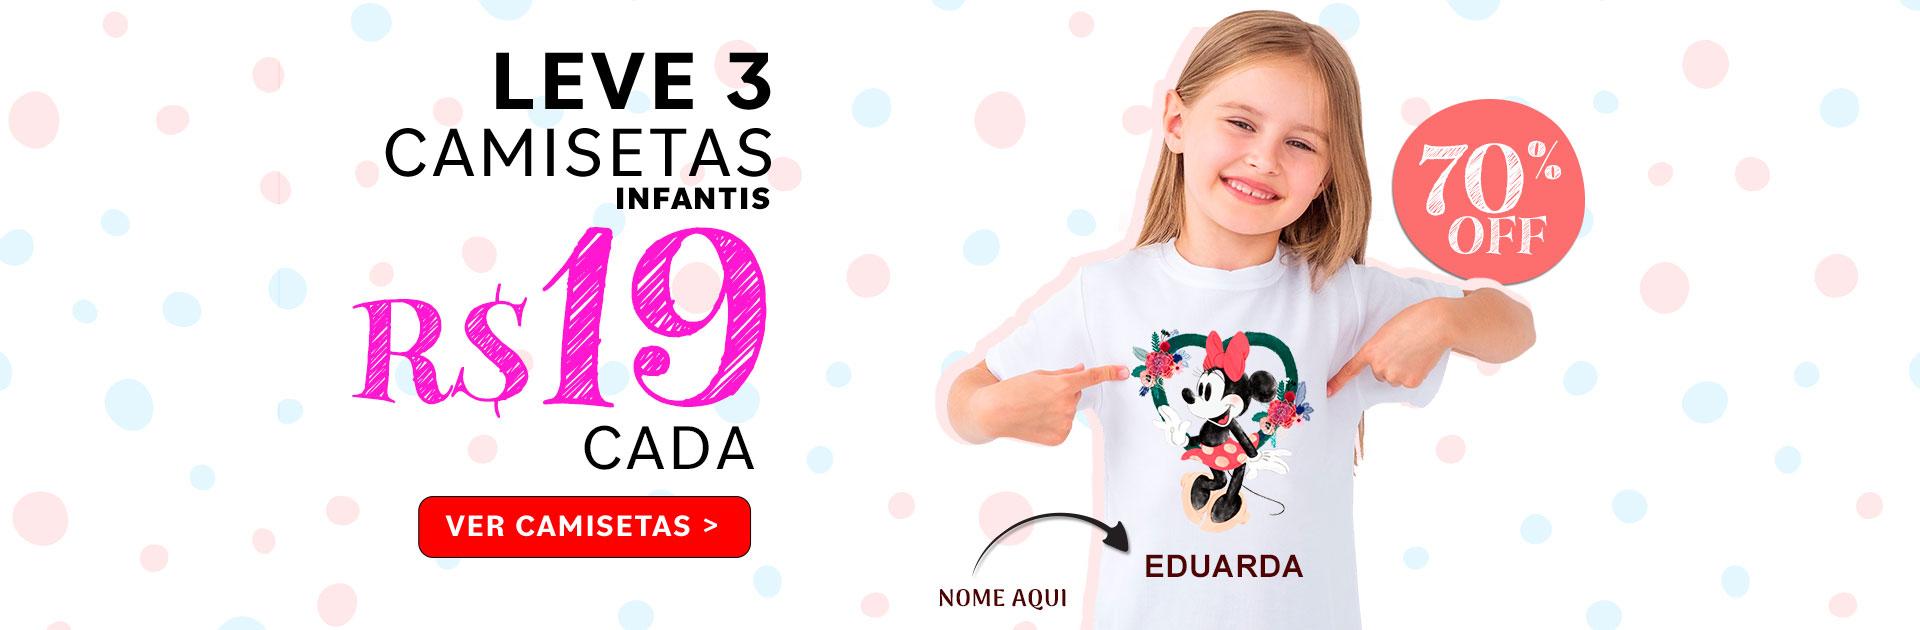 3 Camisetas Infantis por $19 cada